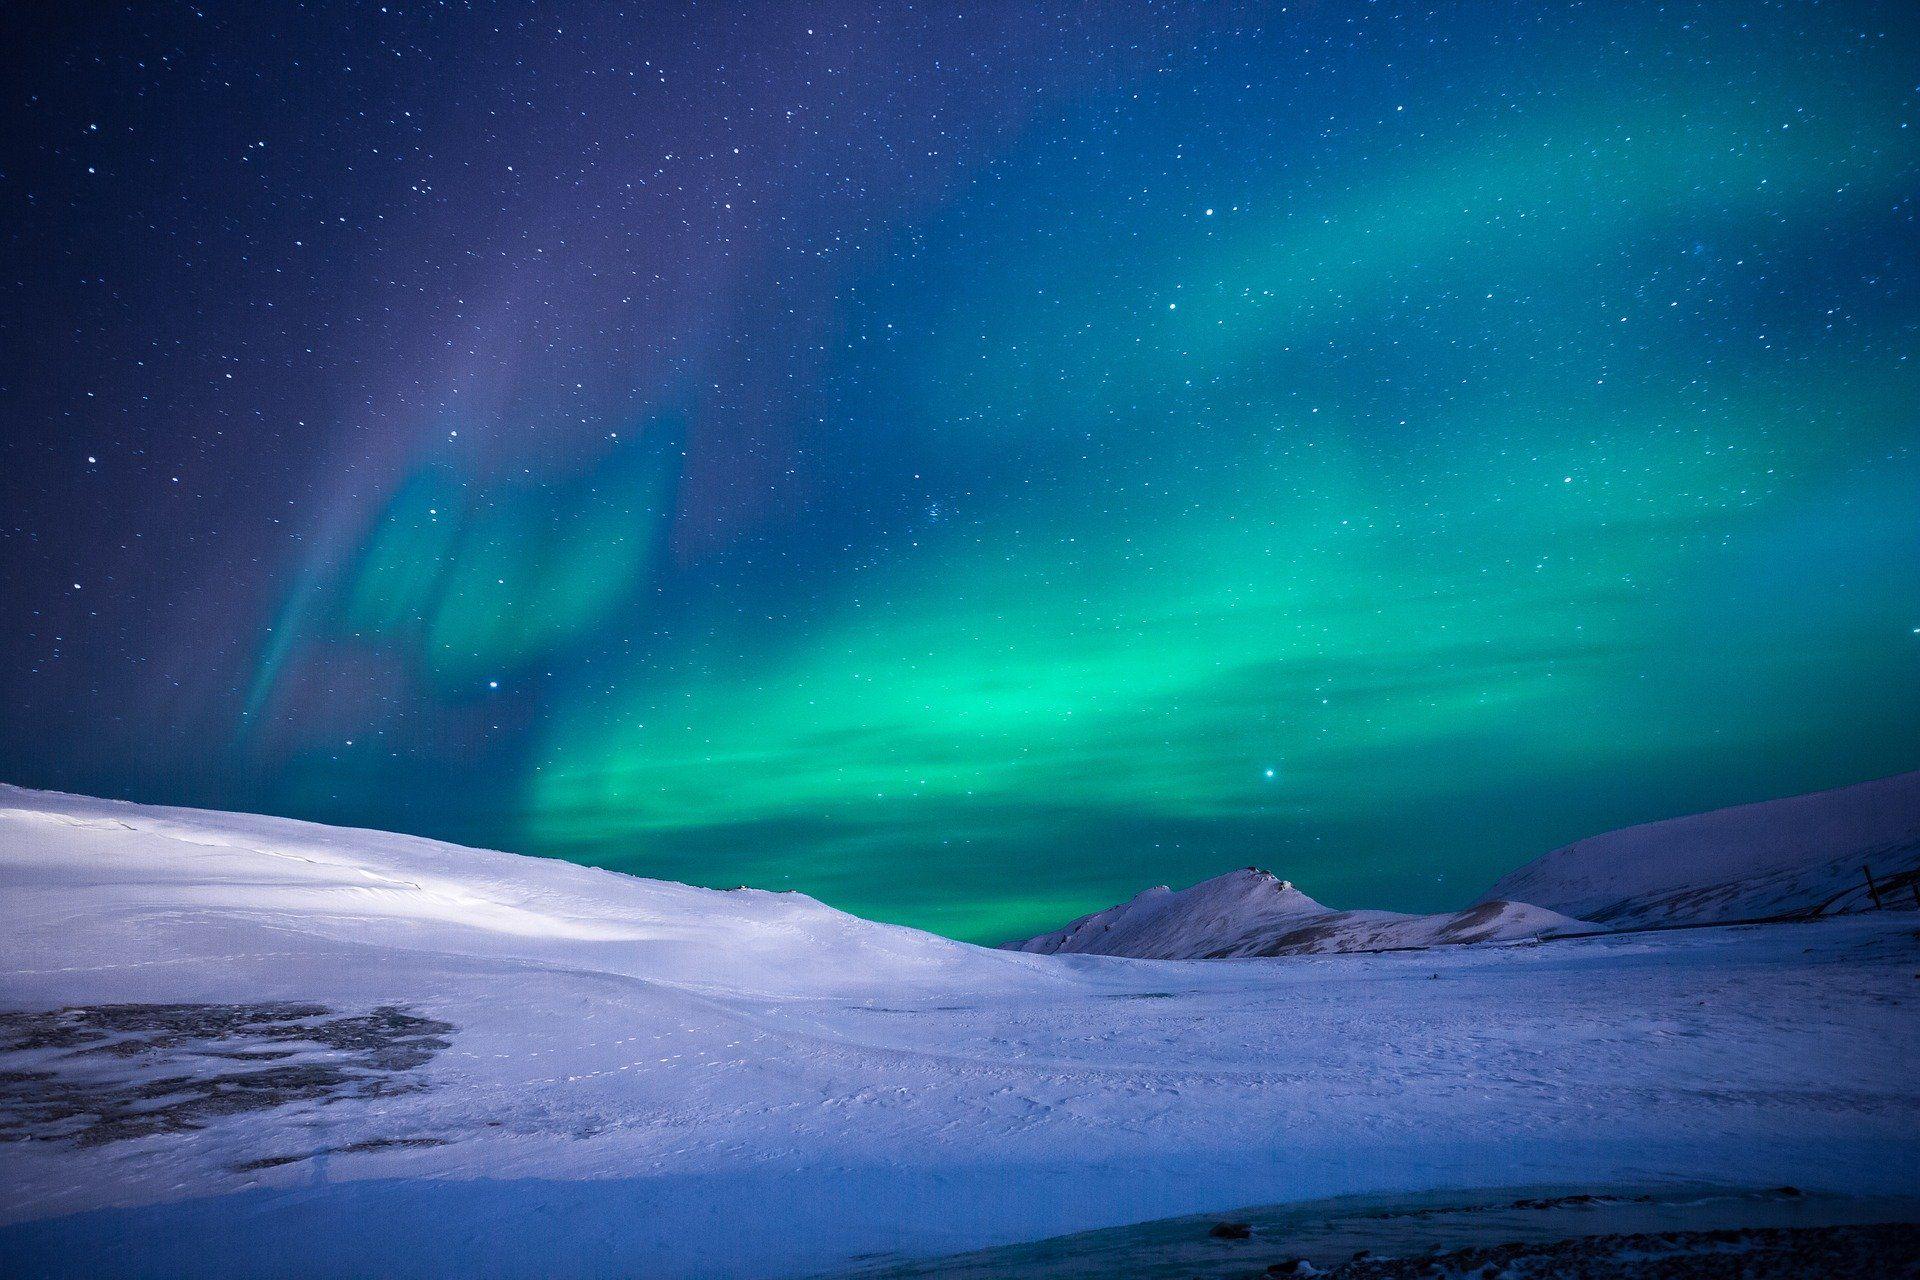 Découvrer De Beaux Paysages De Nuit En Musique Auroras Boreales Viajes En Crucero Paisaje Increibles